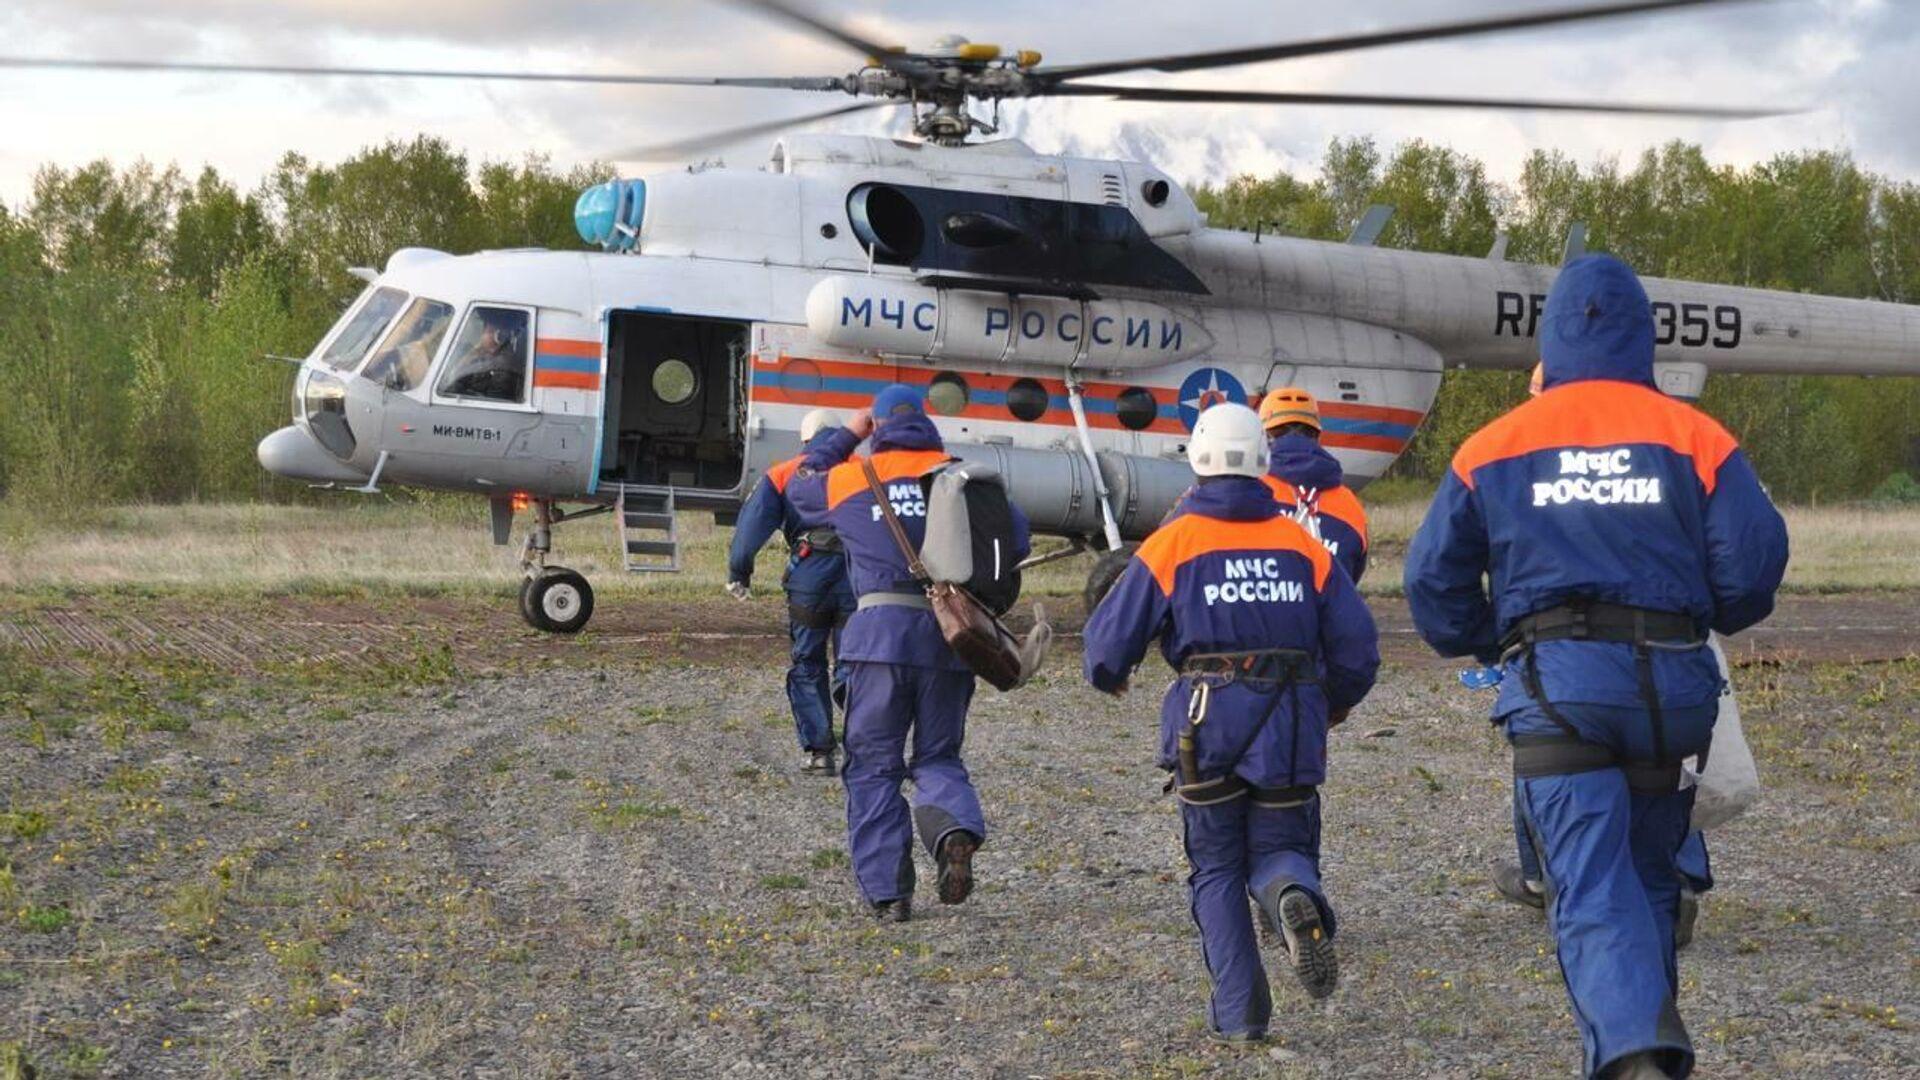 Глава Камчатки рассказал о поисках после крушения Ми-8